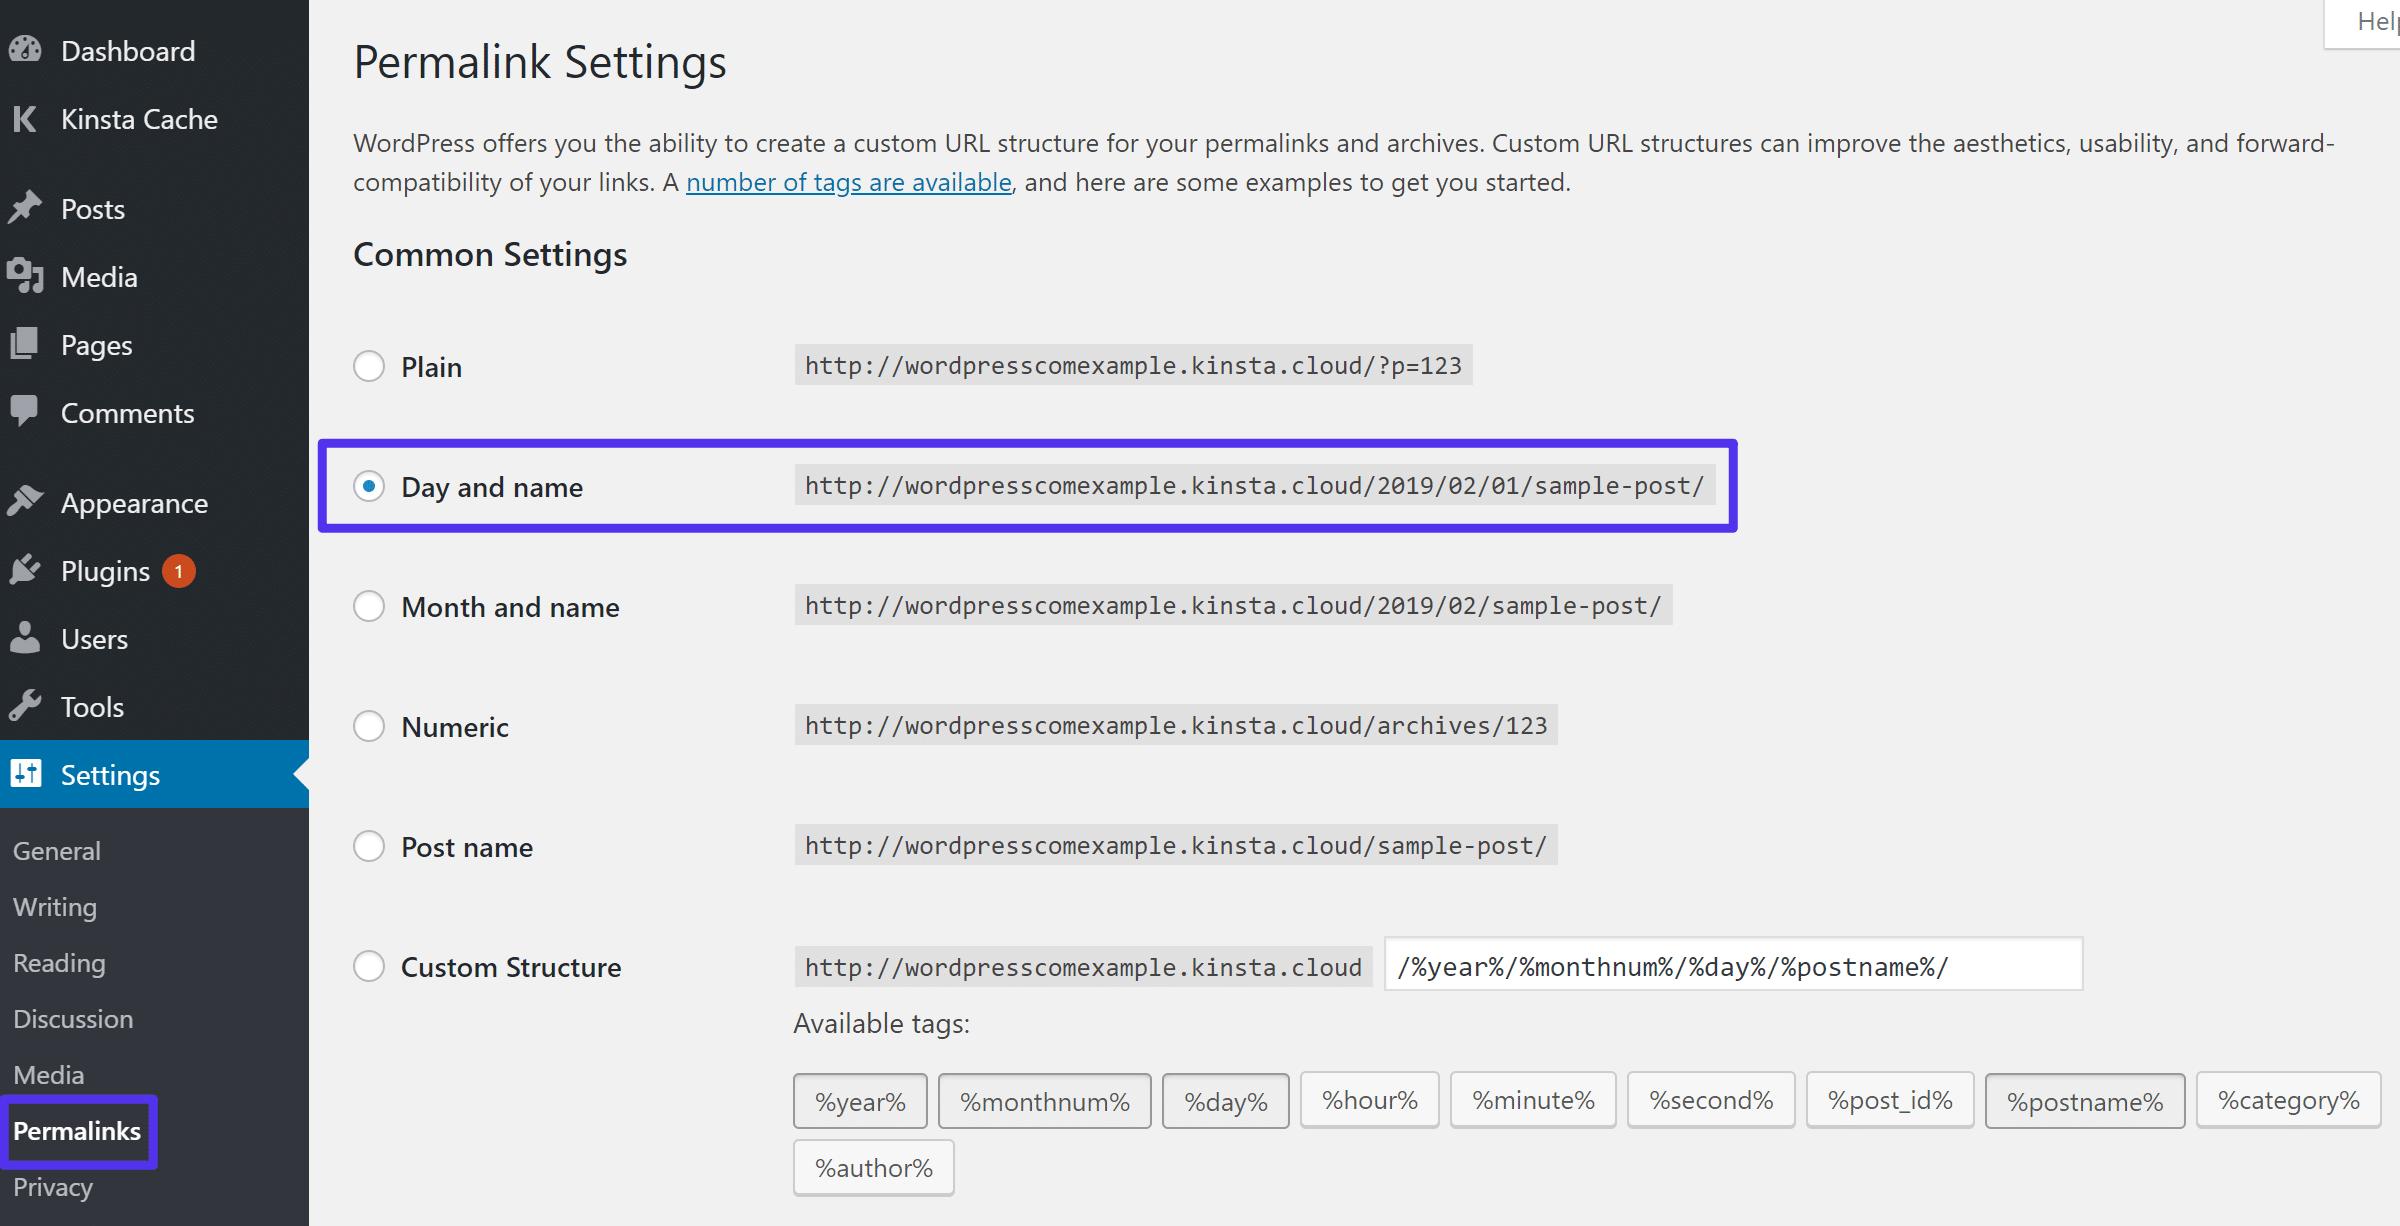 Configurez votre structure de permaliens pour qu'elle corresponde à celle de WordPress.com